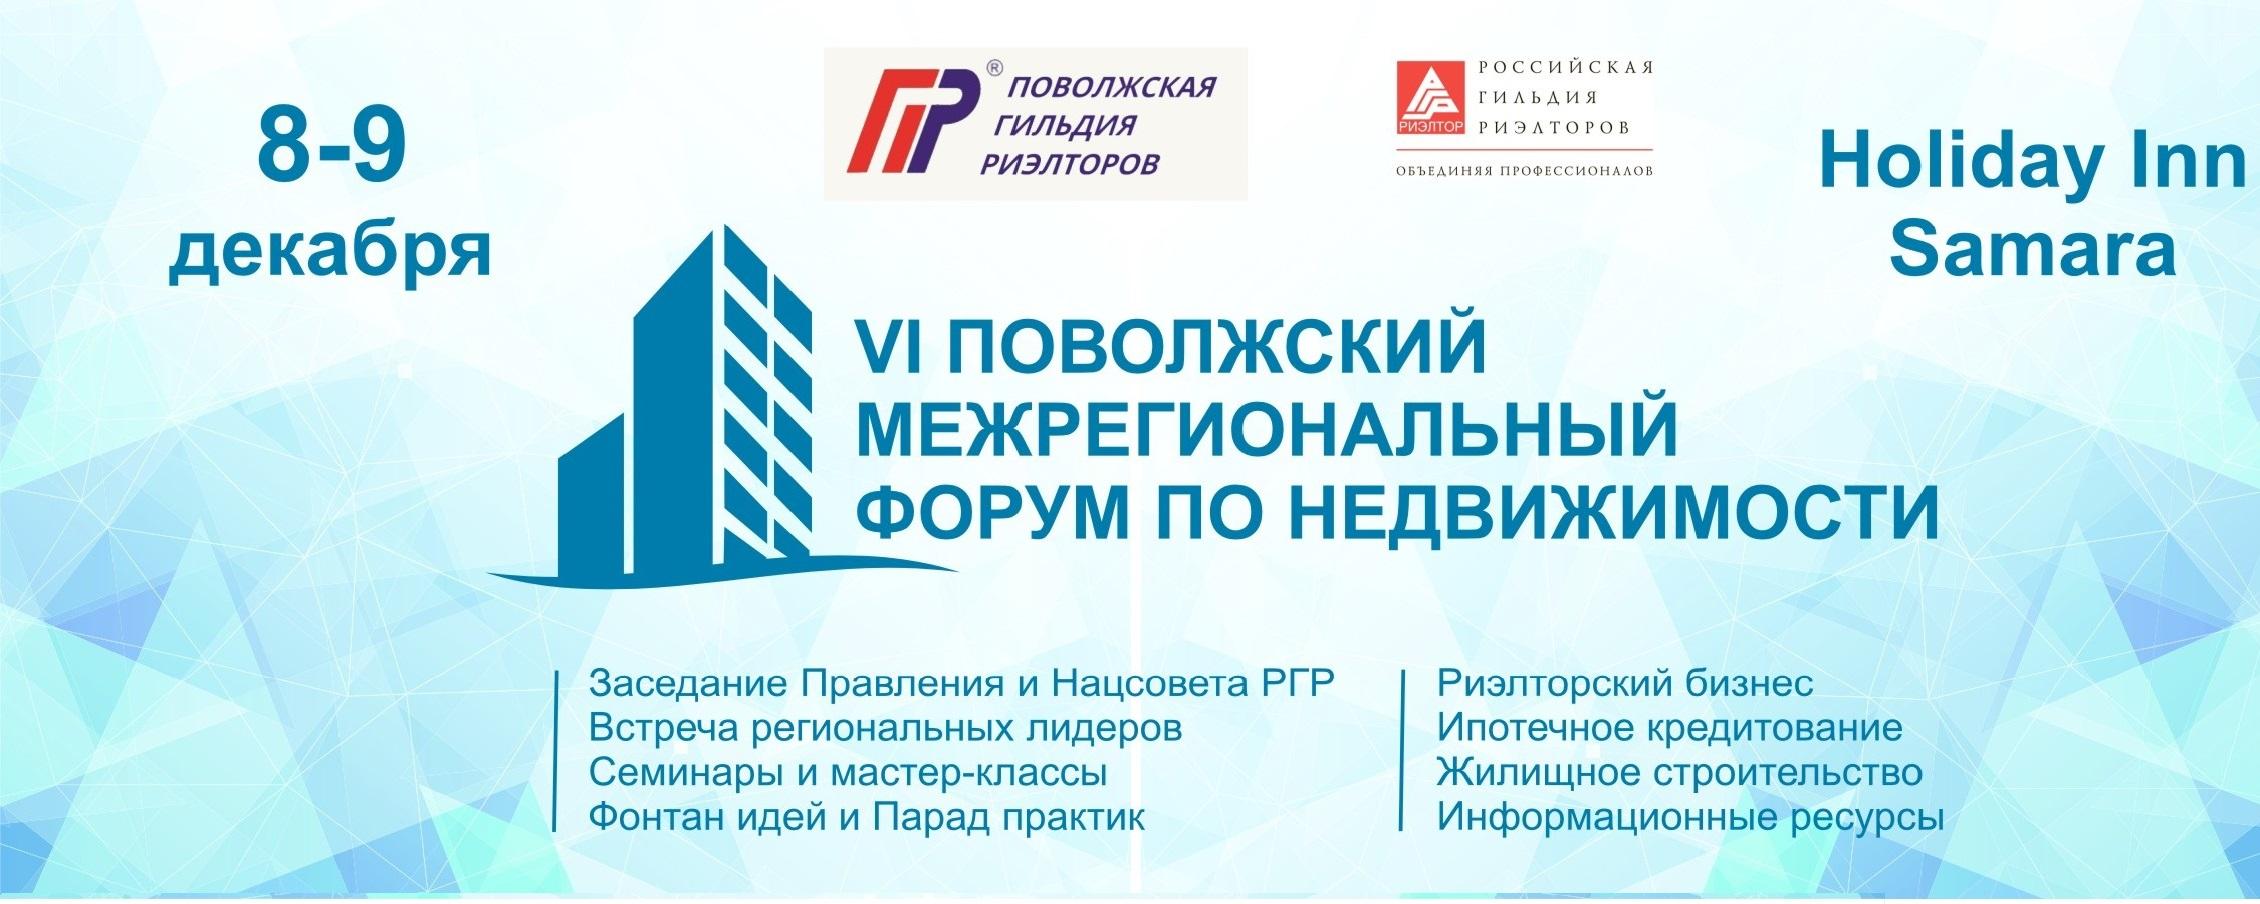 В Самаре пройдет межрегиональный форум по недвижимости